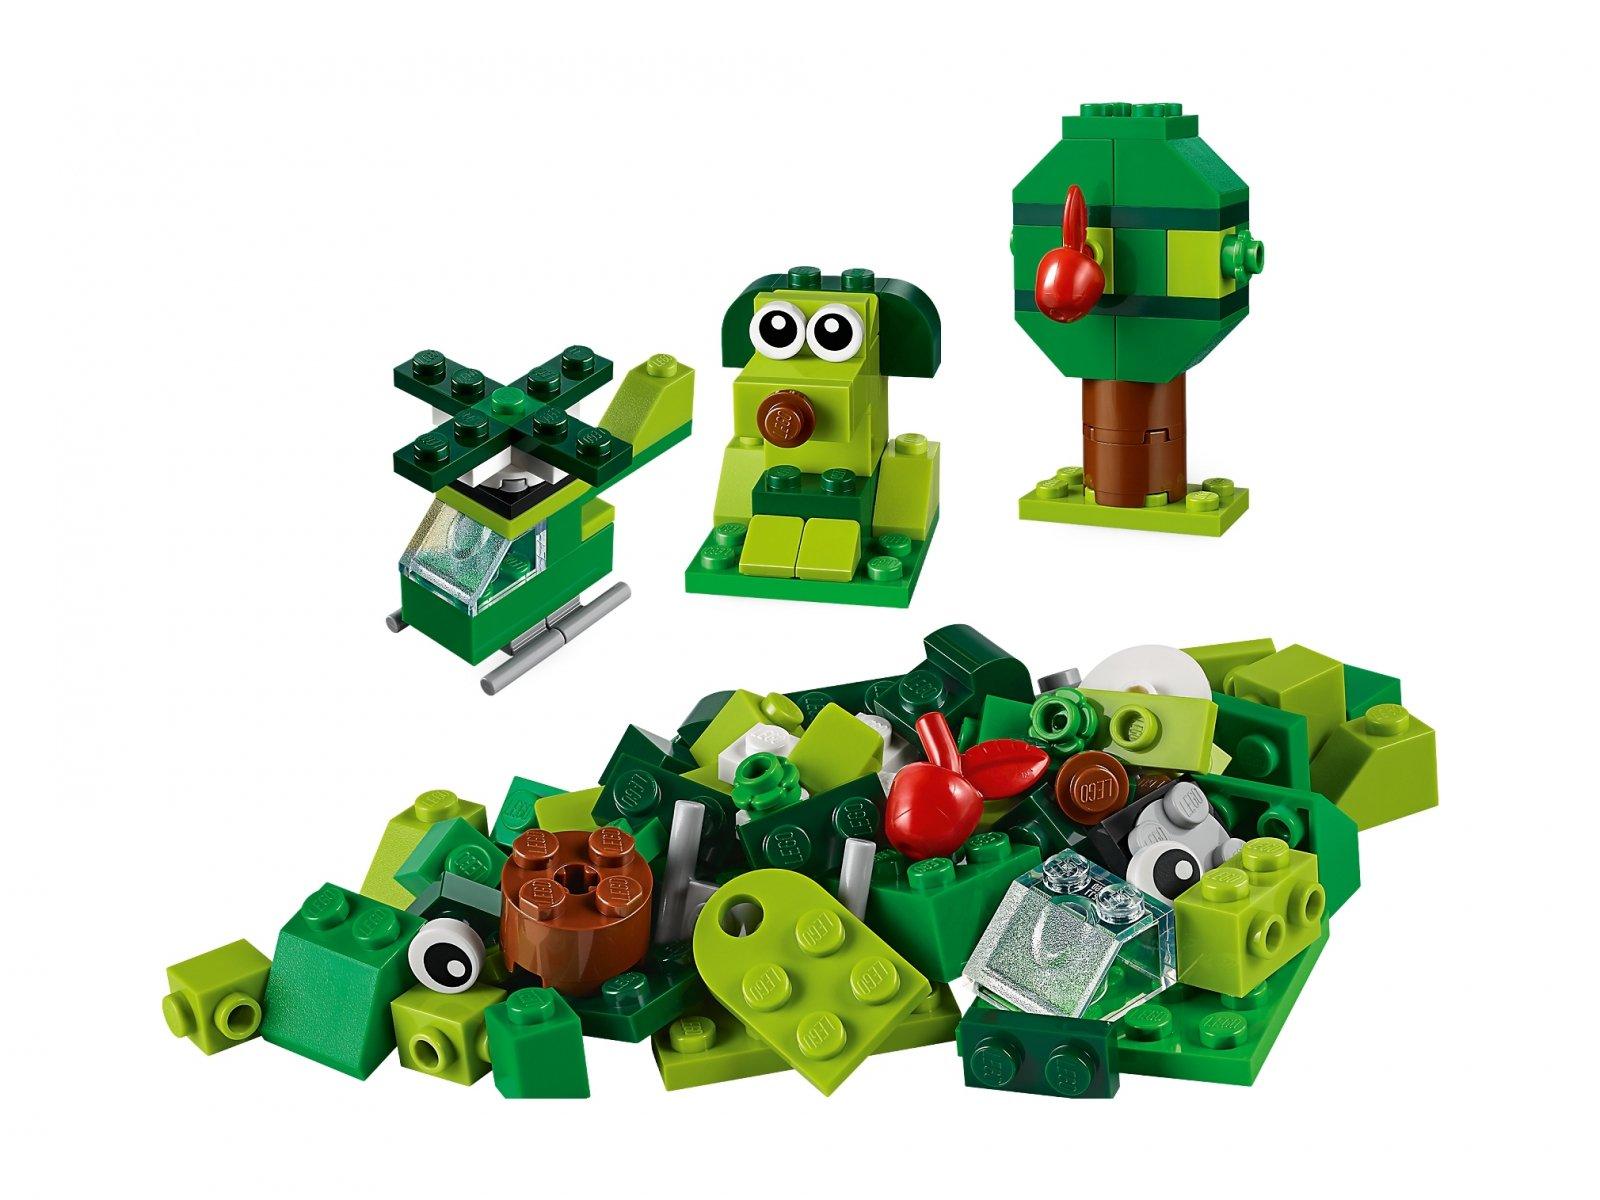 LEGO Classic Zielone klocki kreatywne 11007